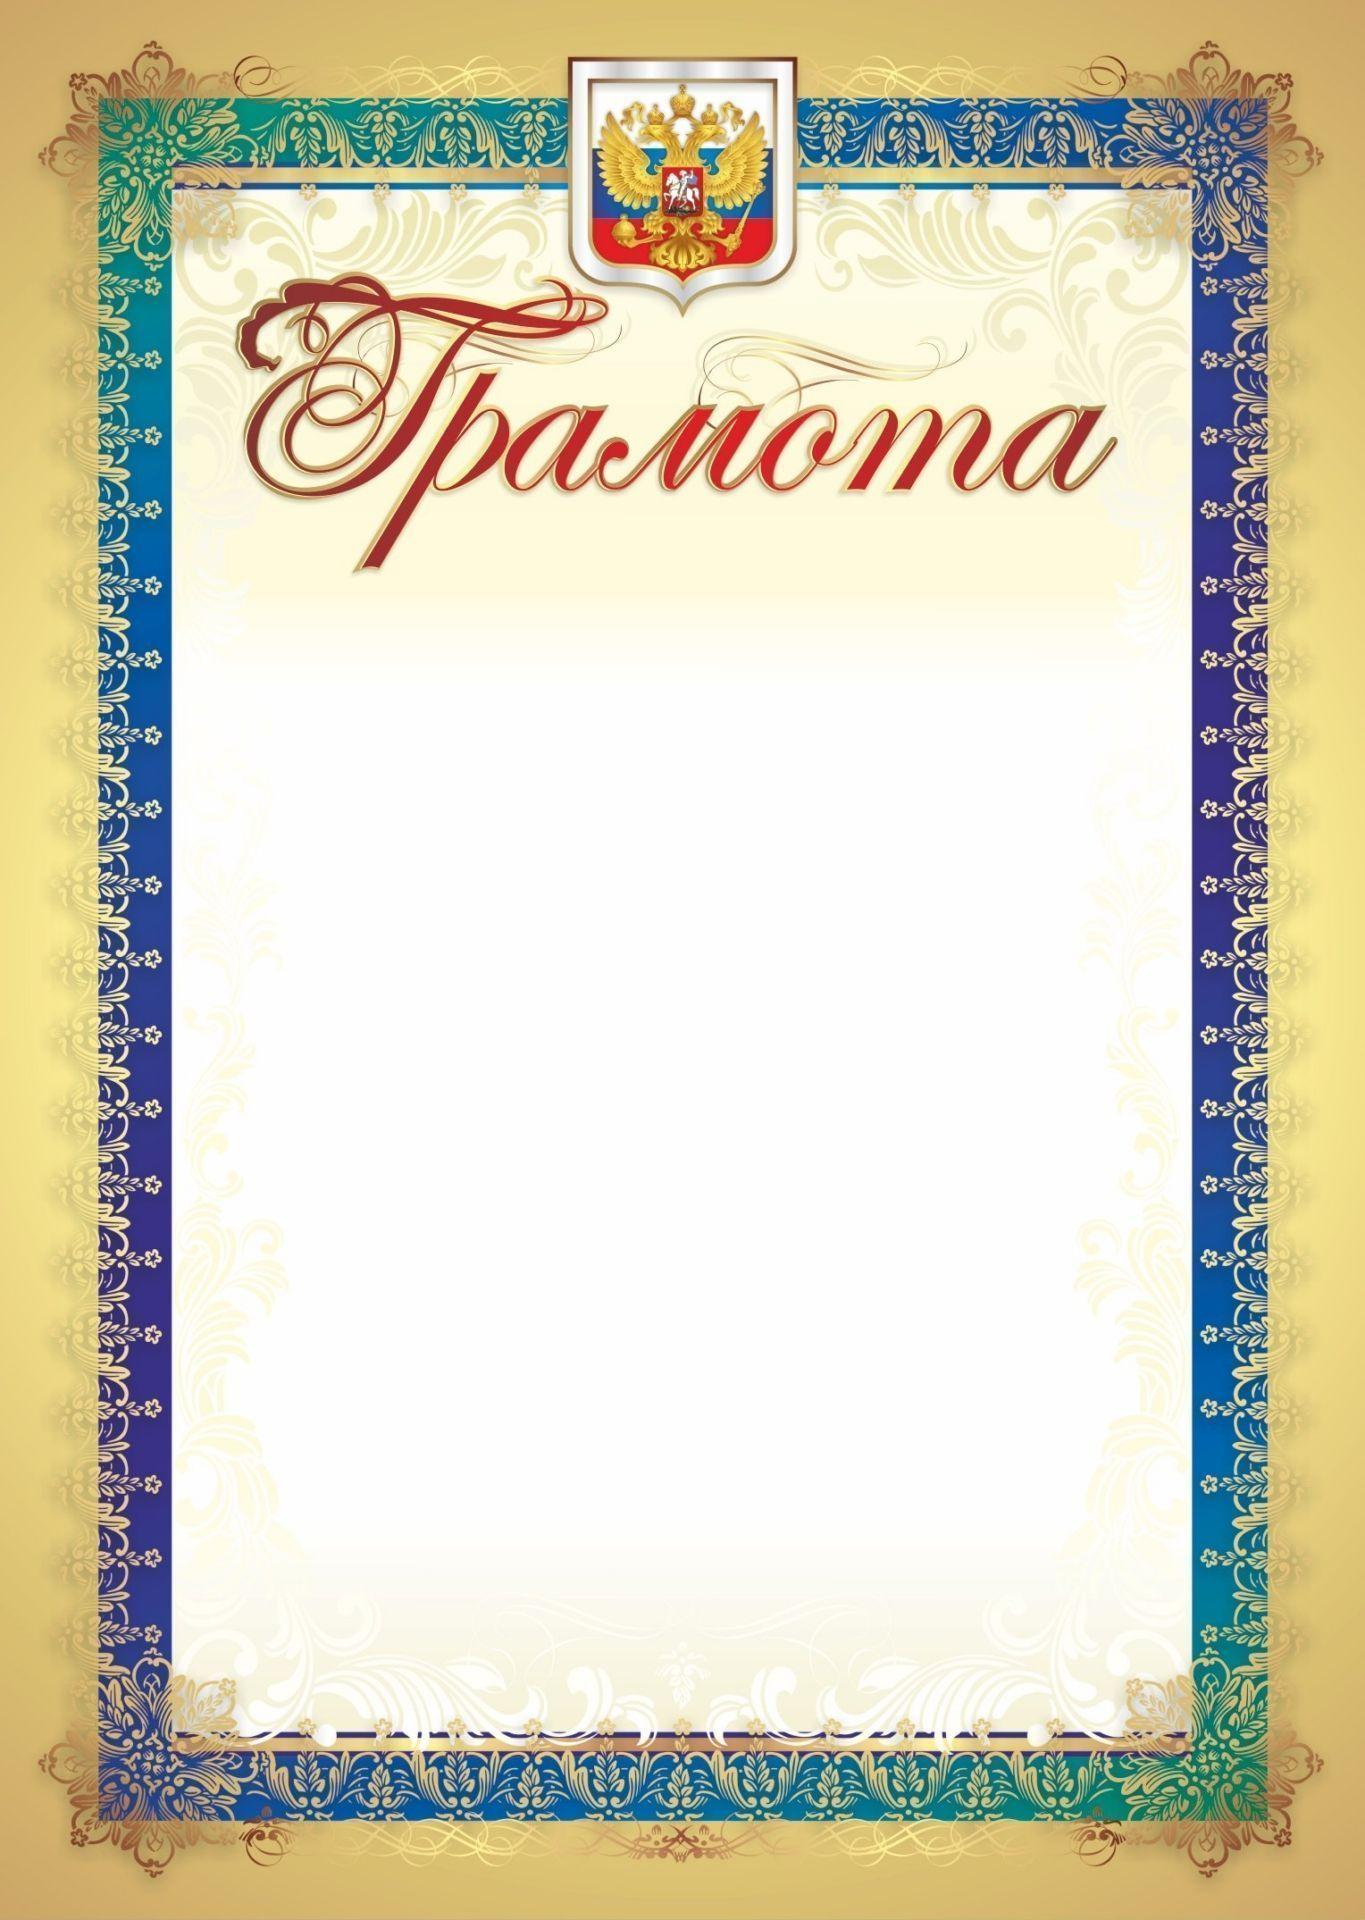 Грамота (с гербом и флагом)Общего назначения<br>Материалы:иллюстрации - бумага мелованная, пл. 250.00.<br><br>Год: 2017<br>Высота: 297<br>Ширина: 210